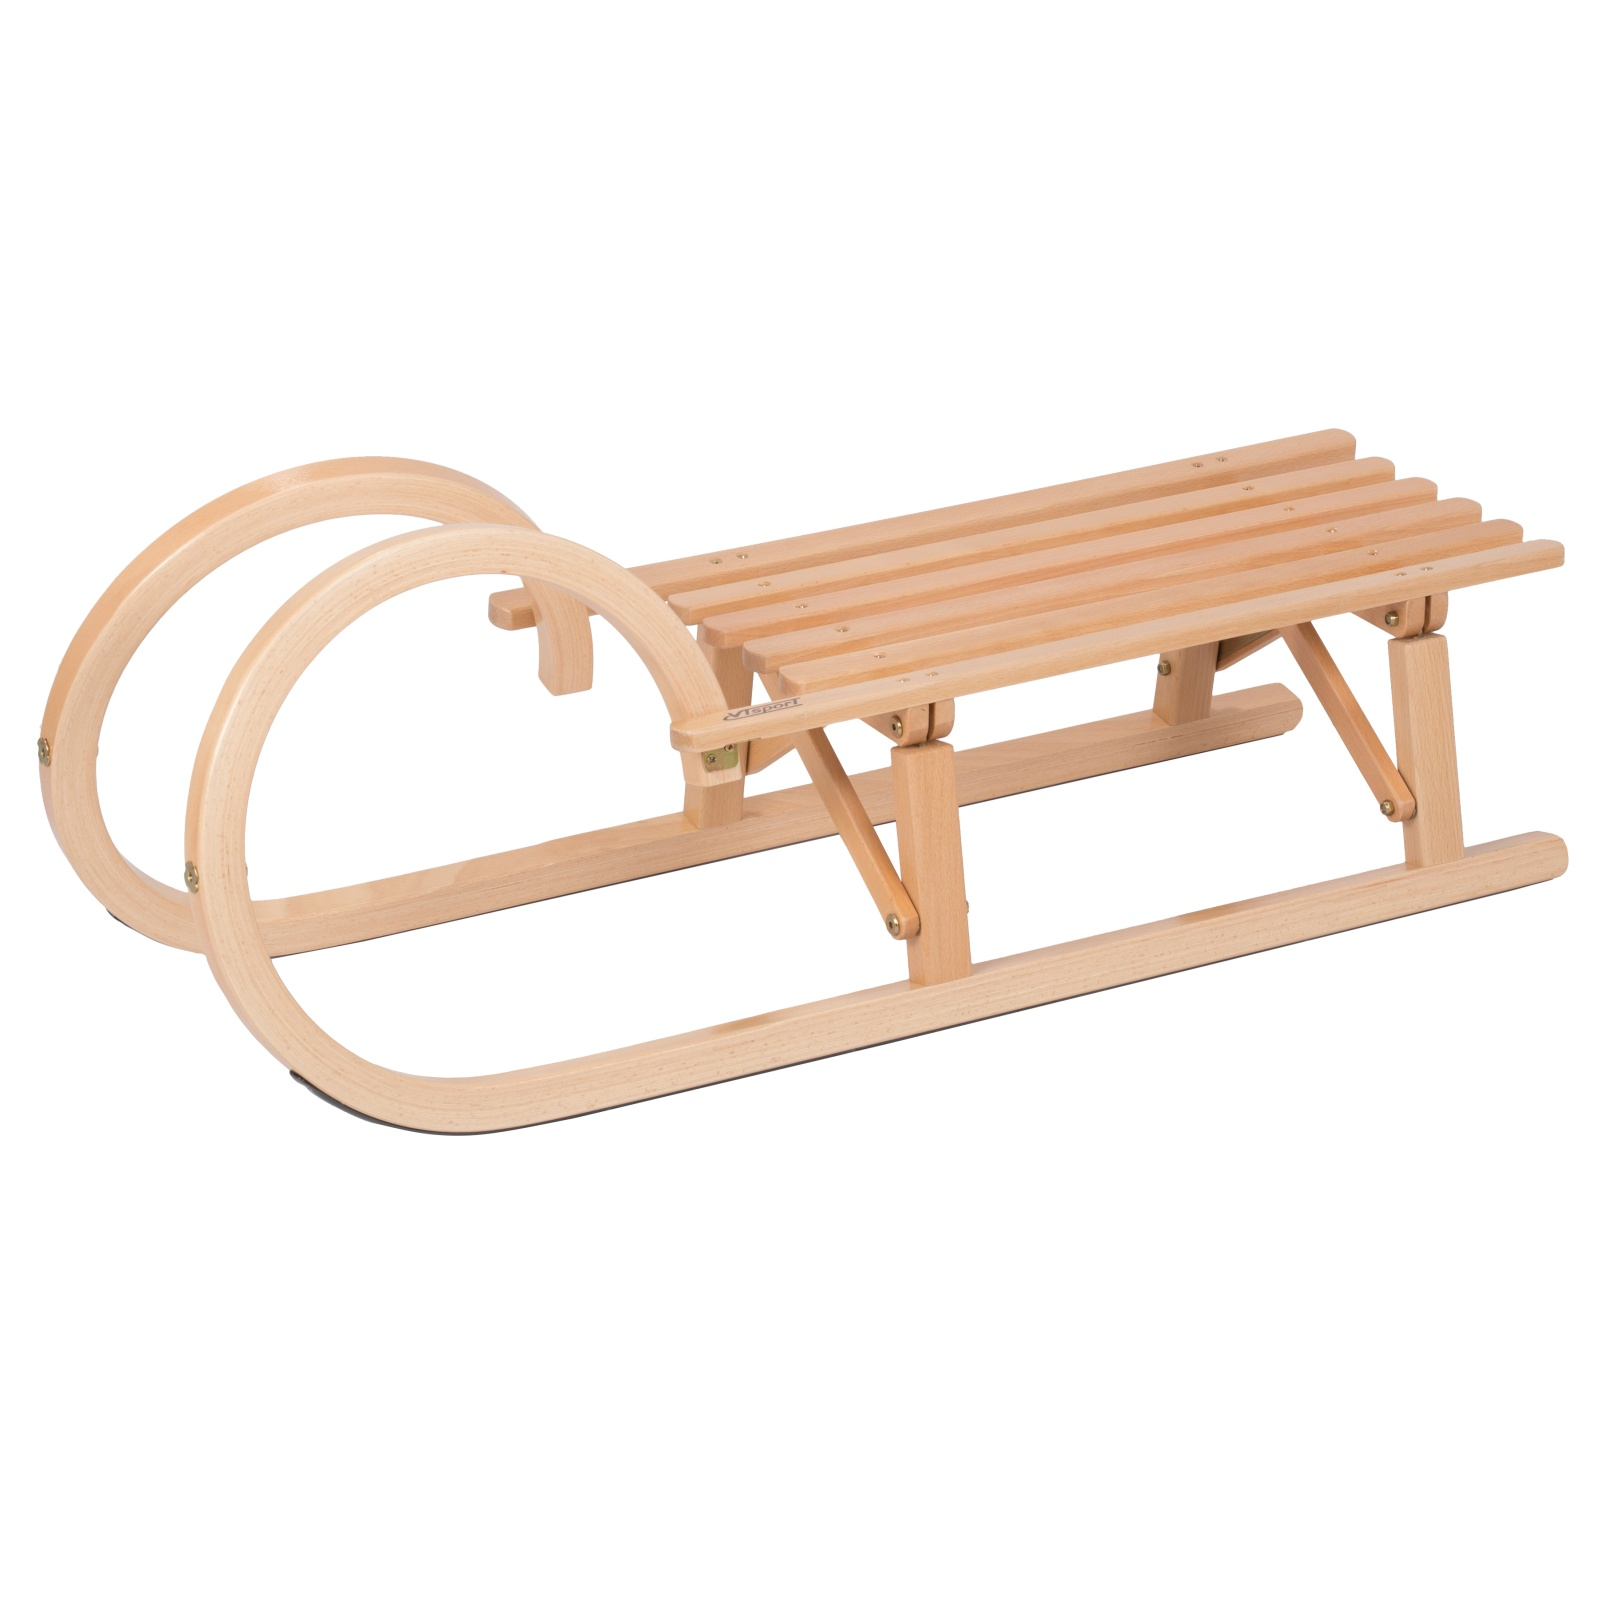 Sane drevené VT-SPORT Rohačky dľžka 100 cm - skladacie